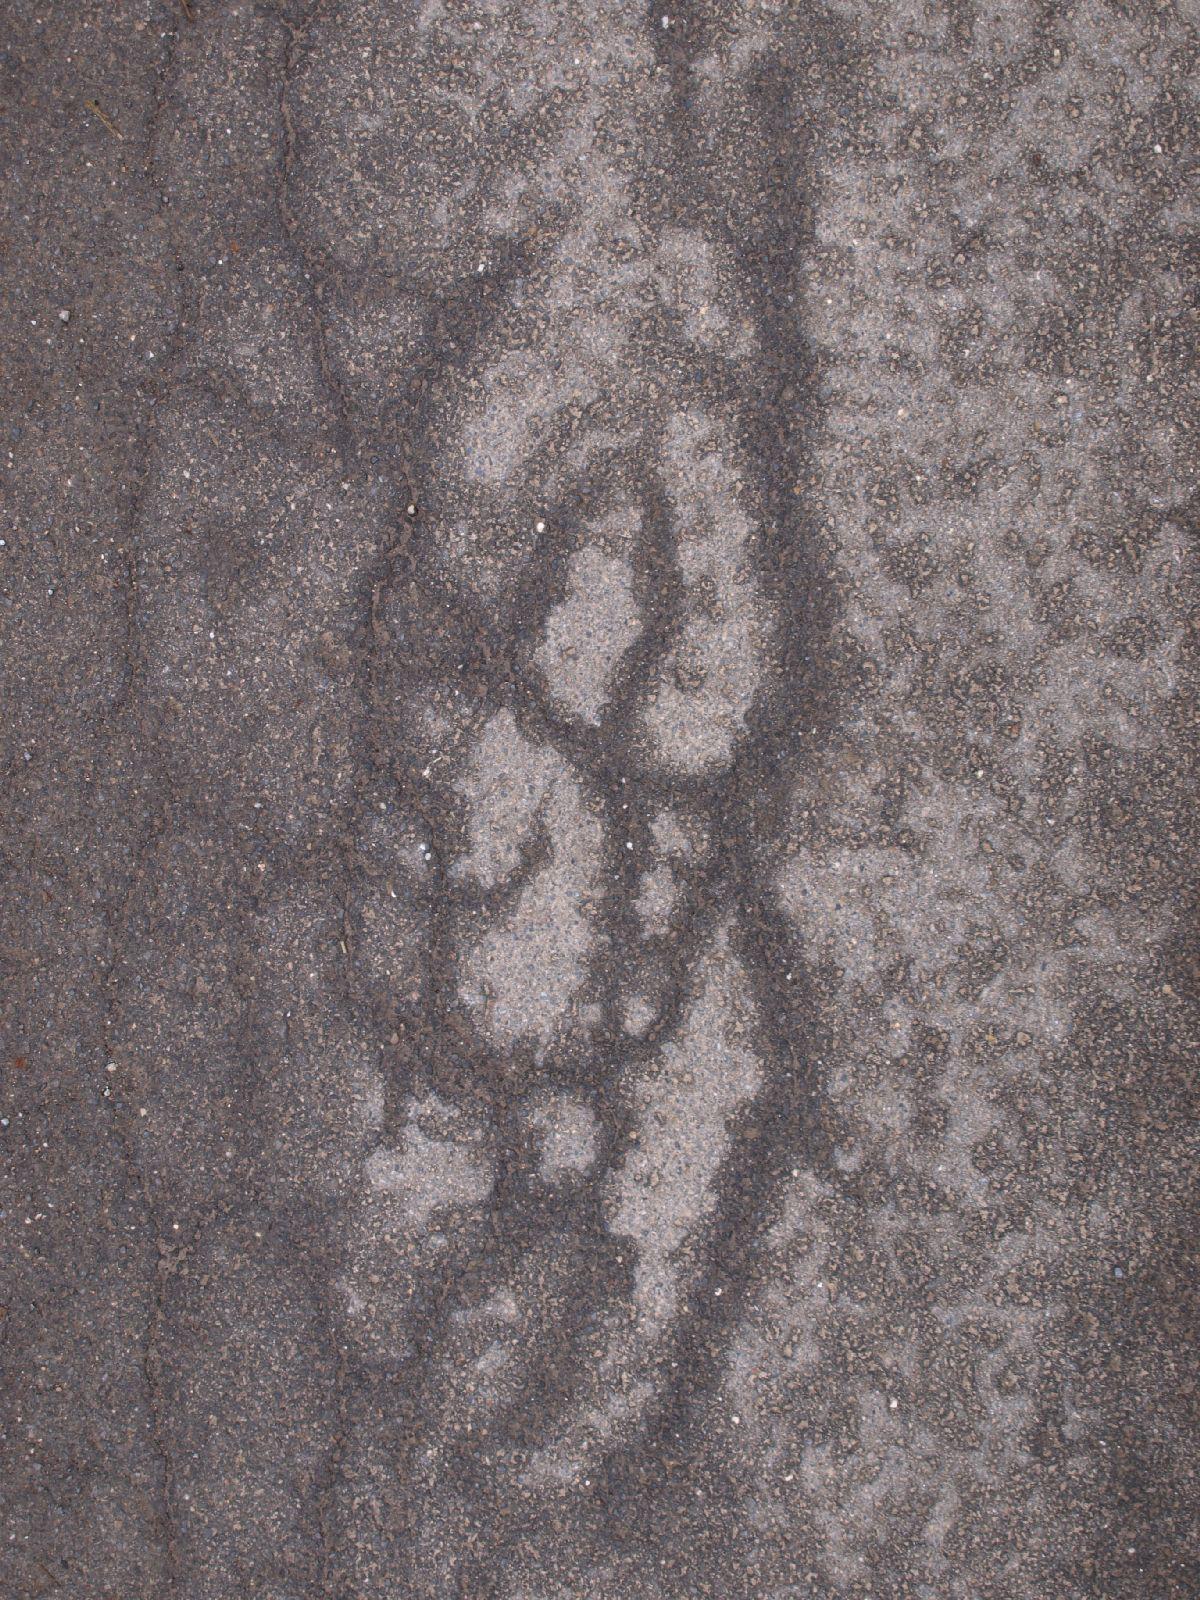 Ground-Urban_Texture_A_P5123675